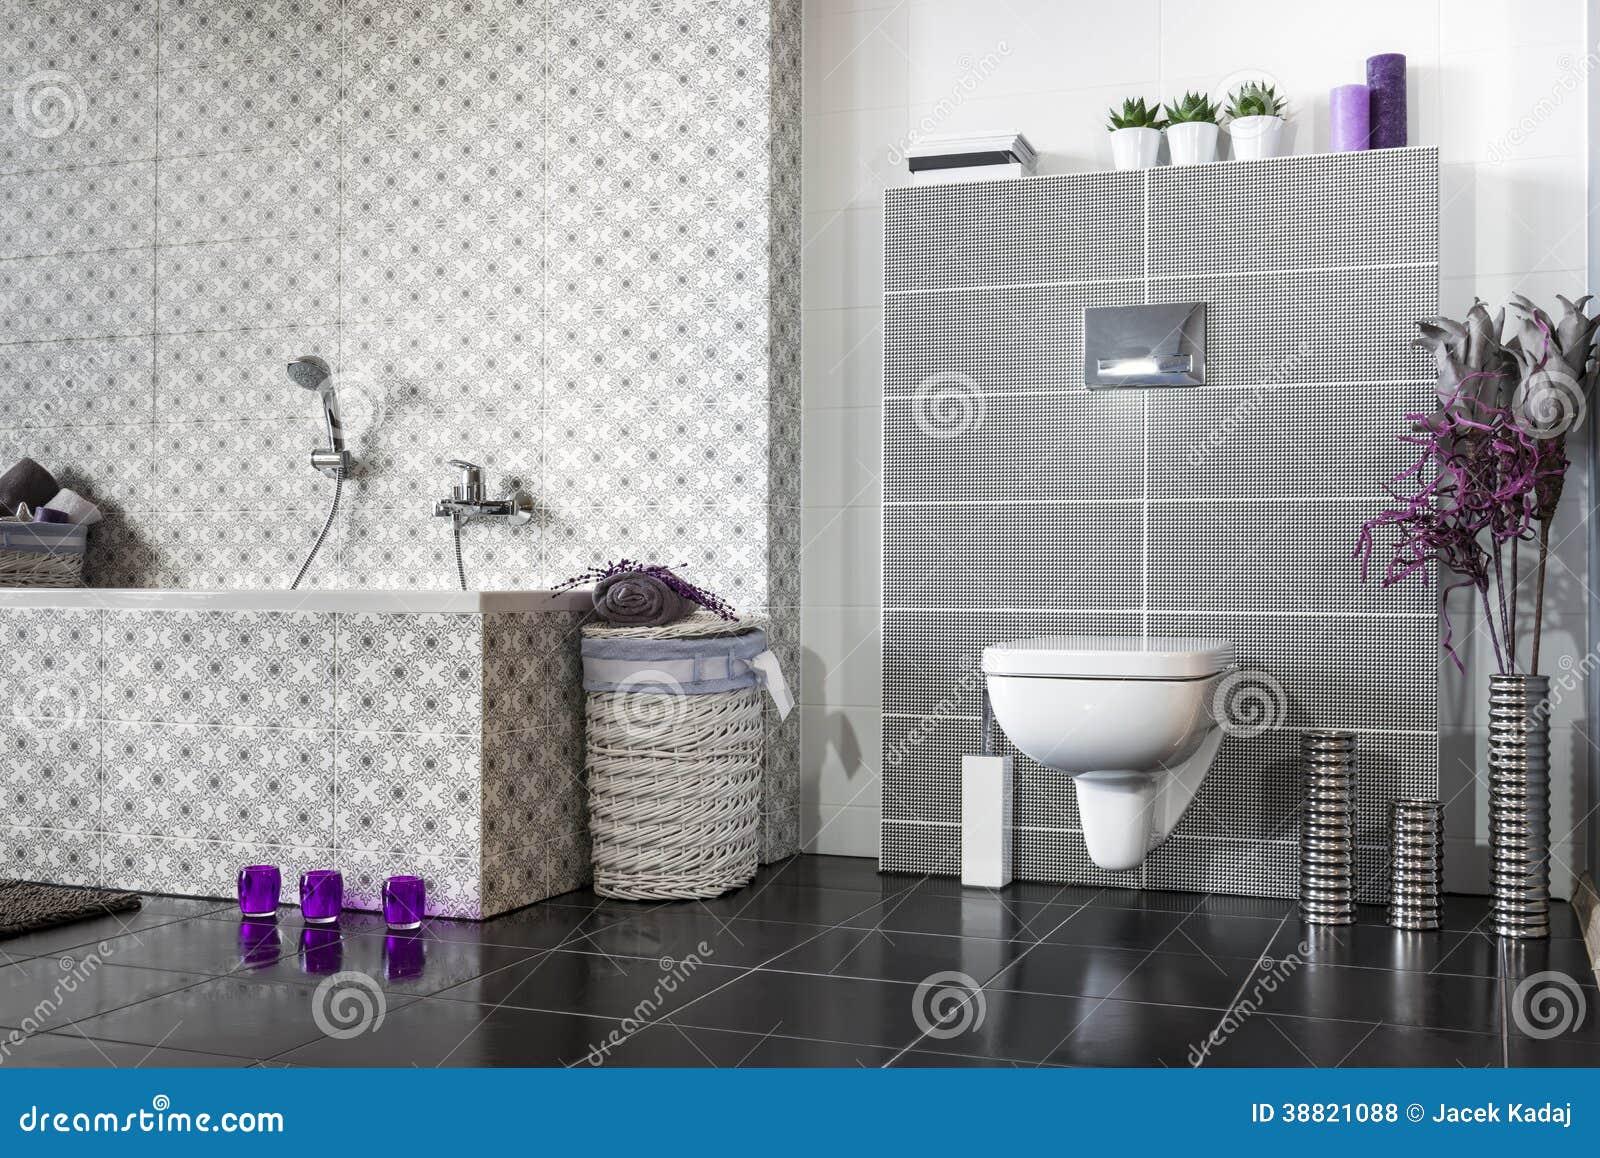 Banheiro Moderno Preto E Branco Foto de Stock Imagem: 38821088 #663F70 1300 958